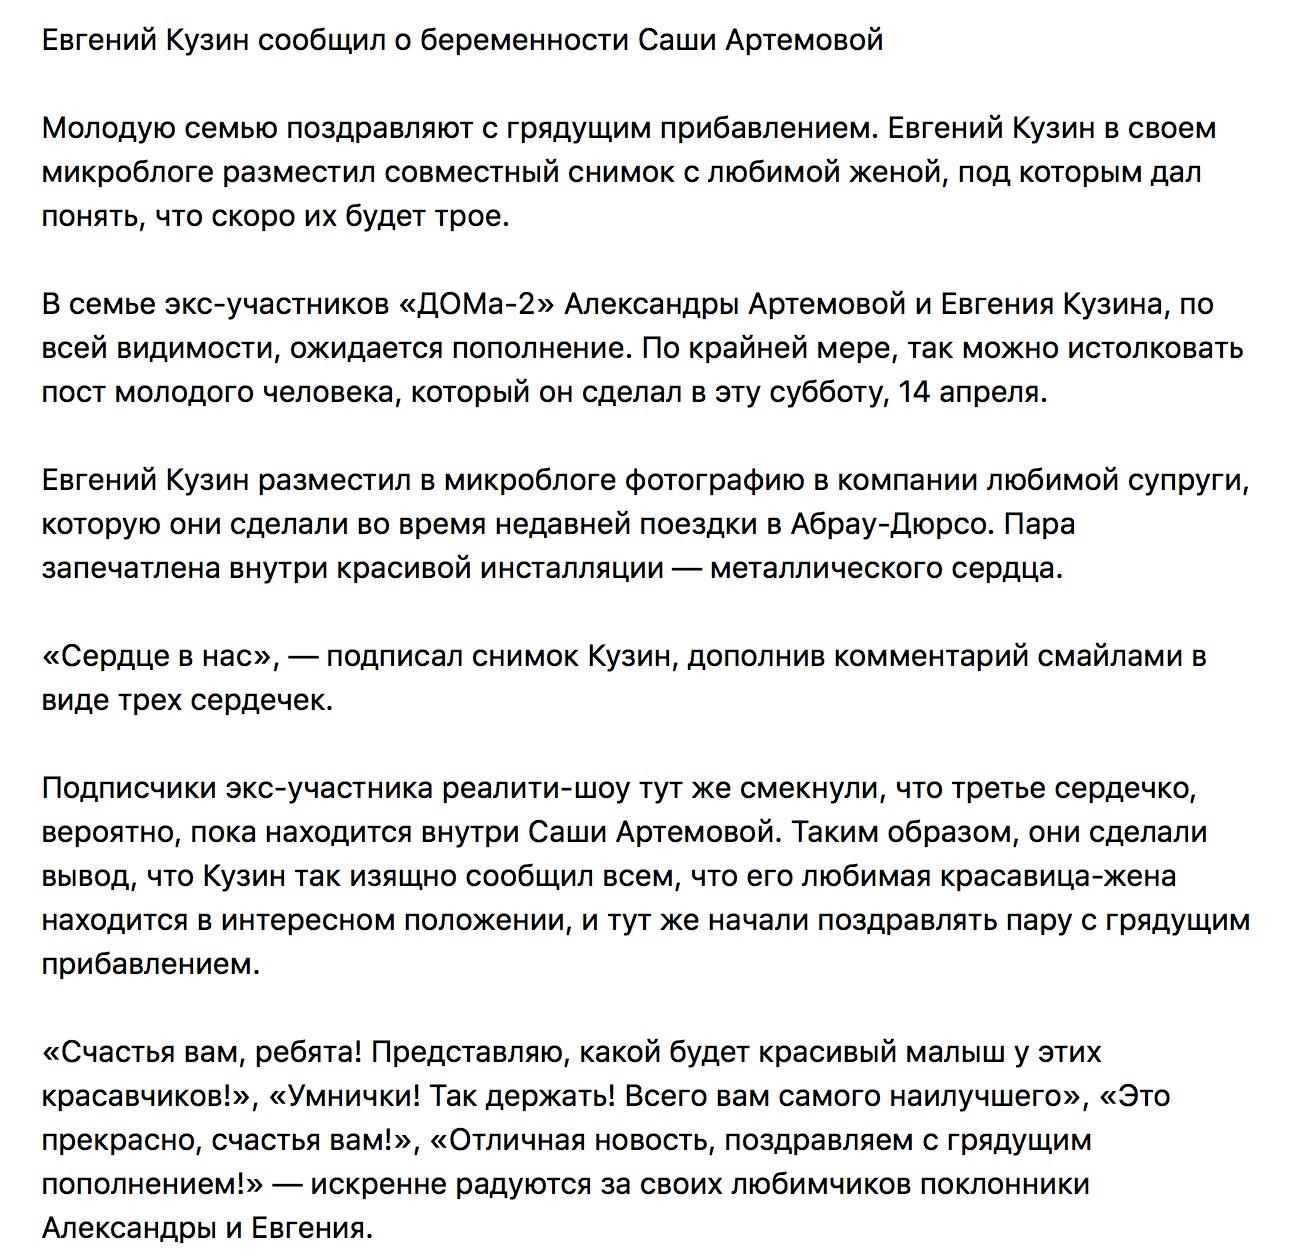 Саша Артёмова беременна